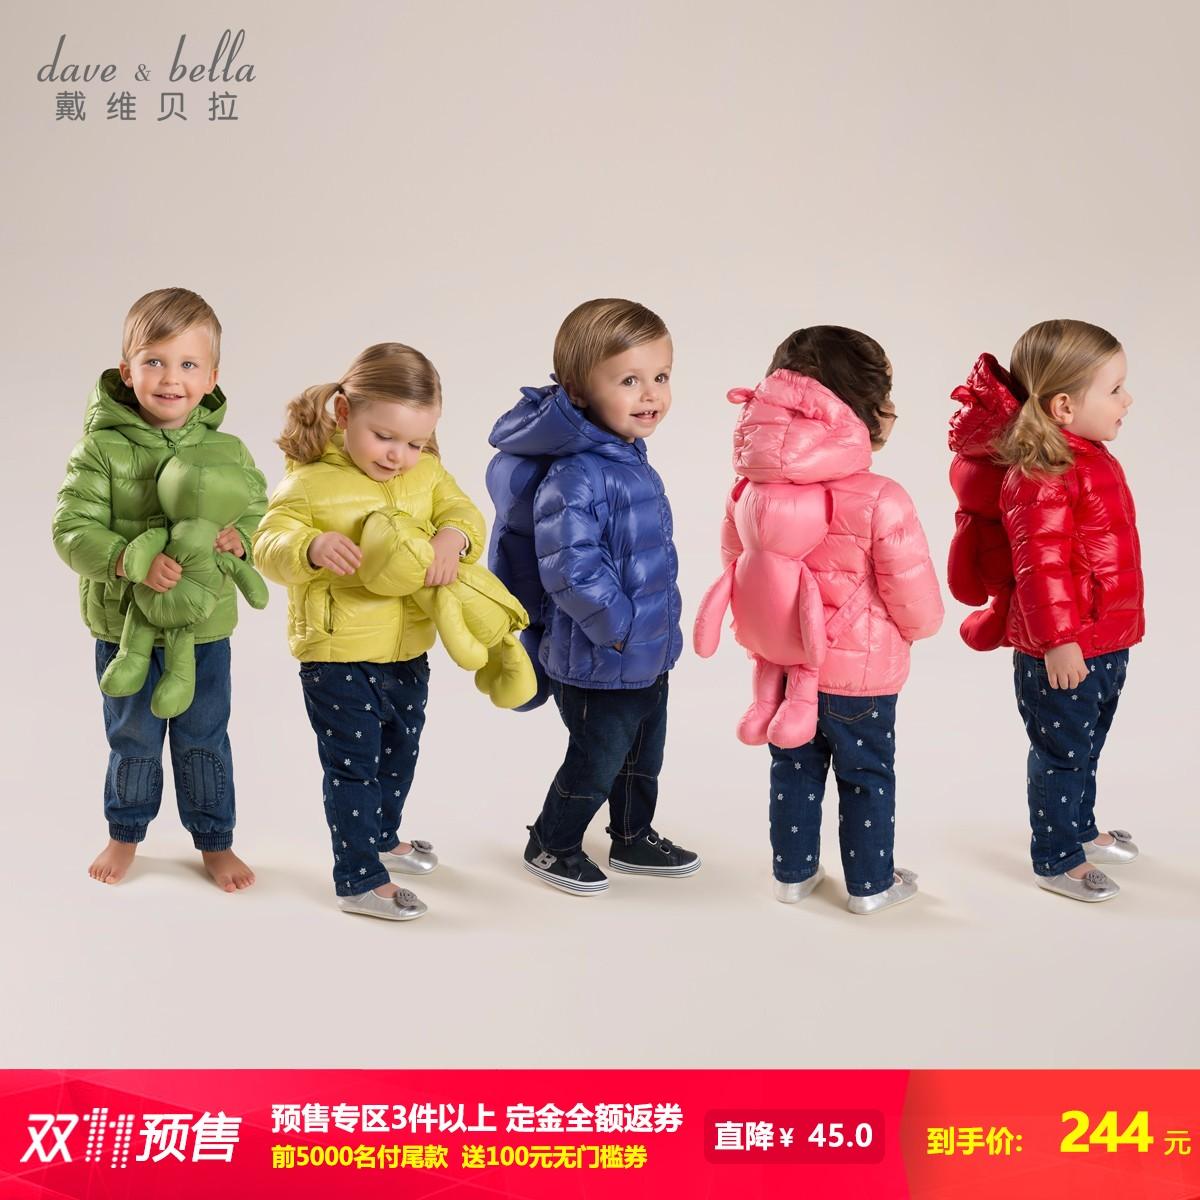 【预售】davebella戴维贝拉冬季男女童加厚保暖90绒羽绒服 送背包